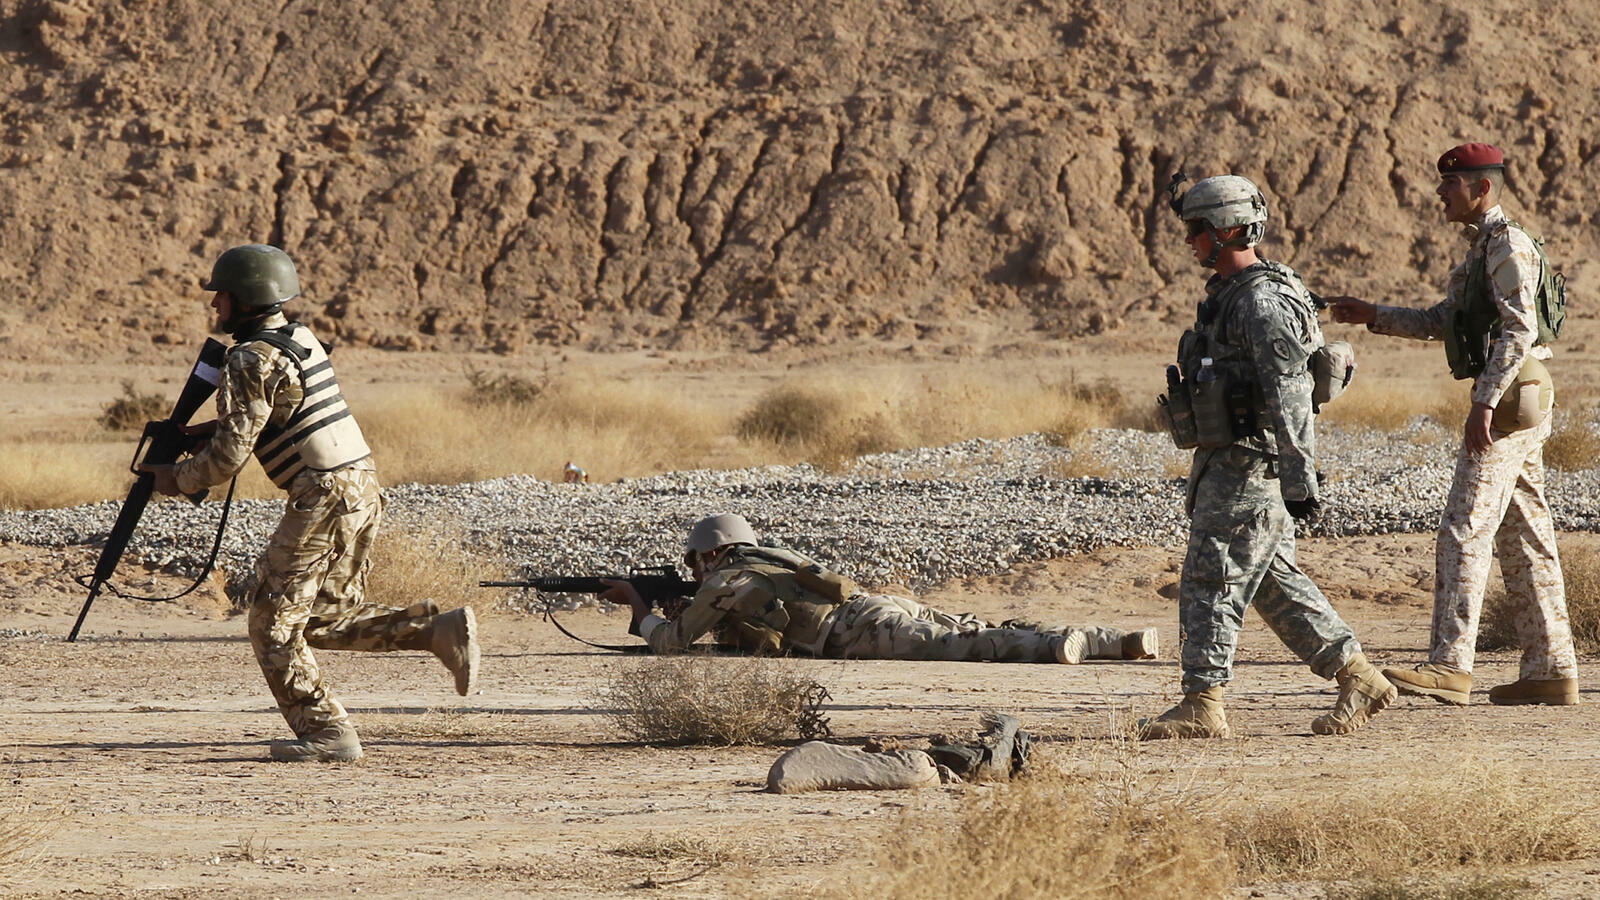 القوات العراقية تقتل 5 دواعش بينهم مسؤول في التنظيم